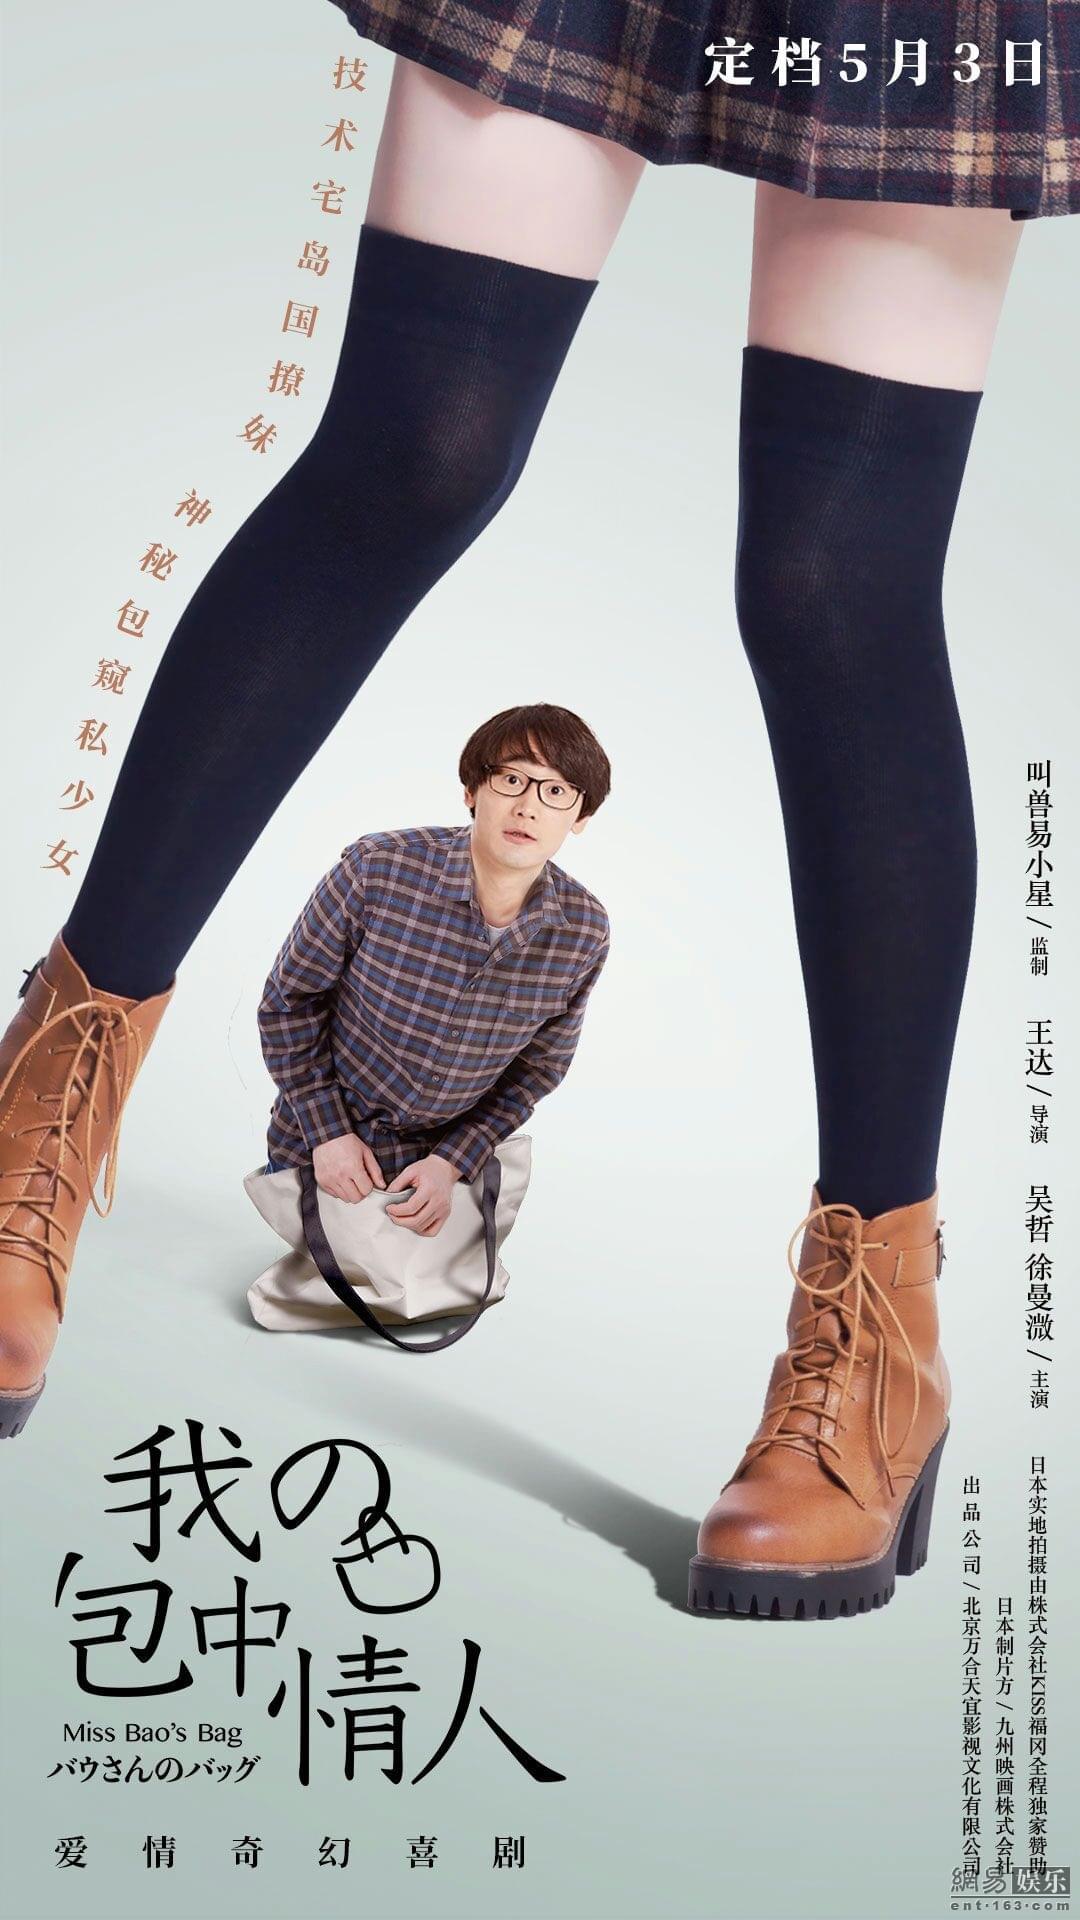 《我的包中情人》定档5月3日 宅男岛国撩妹